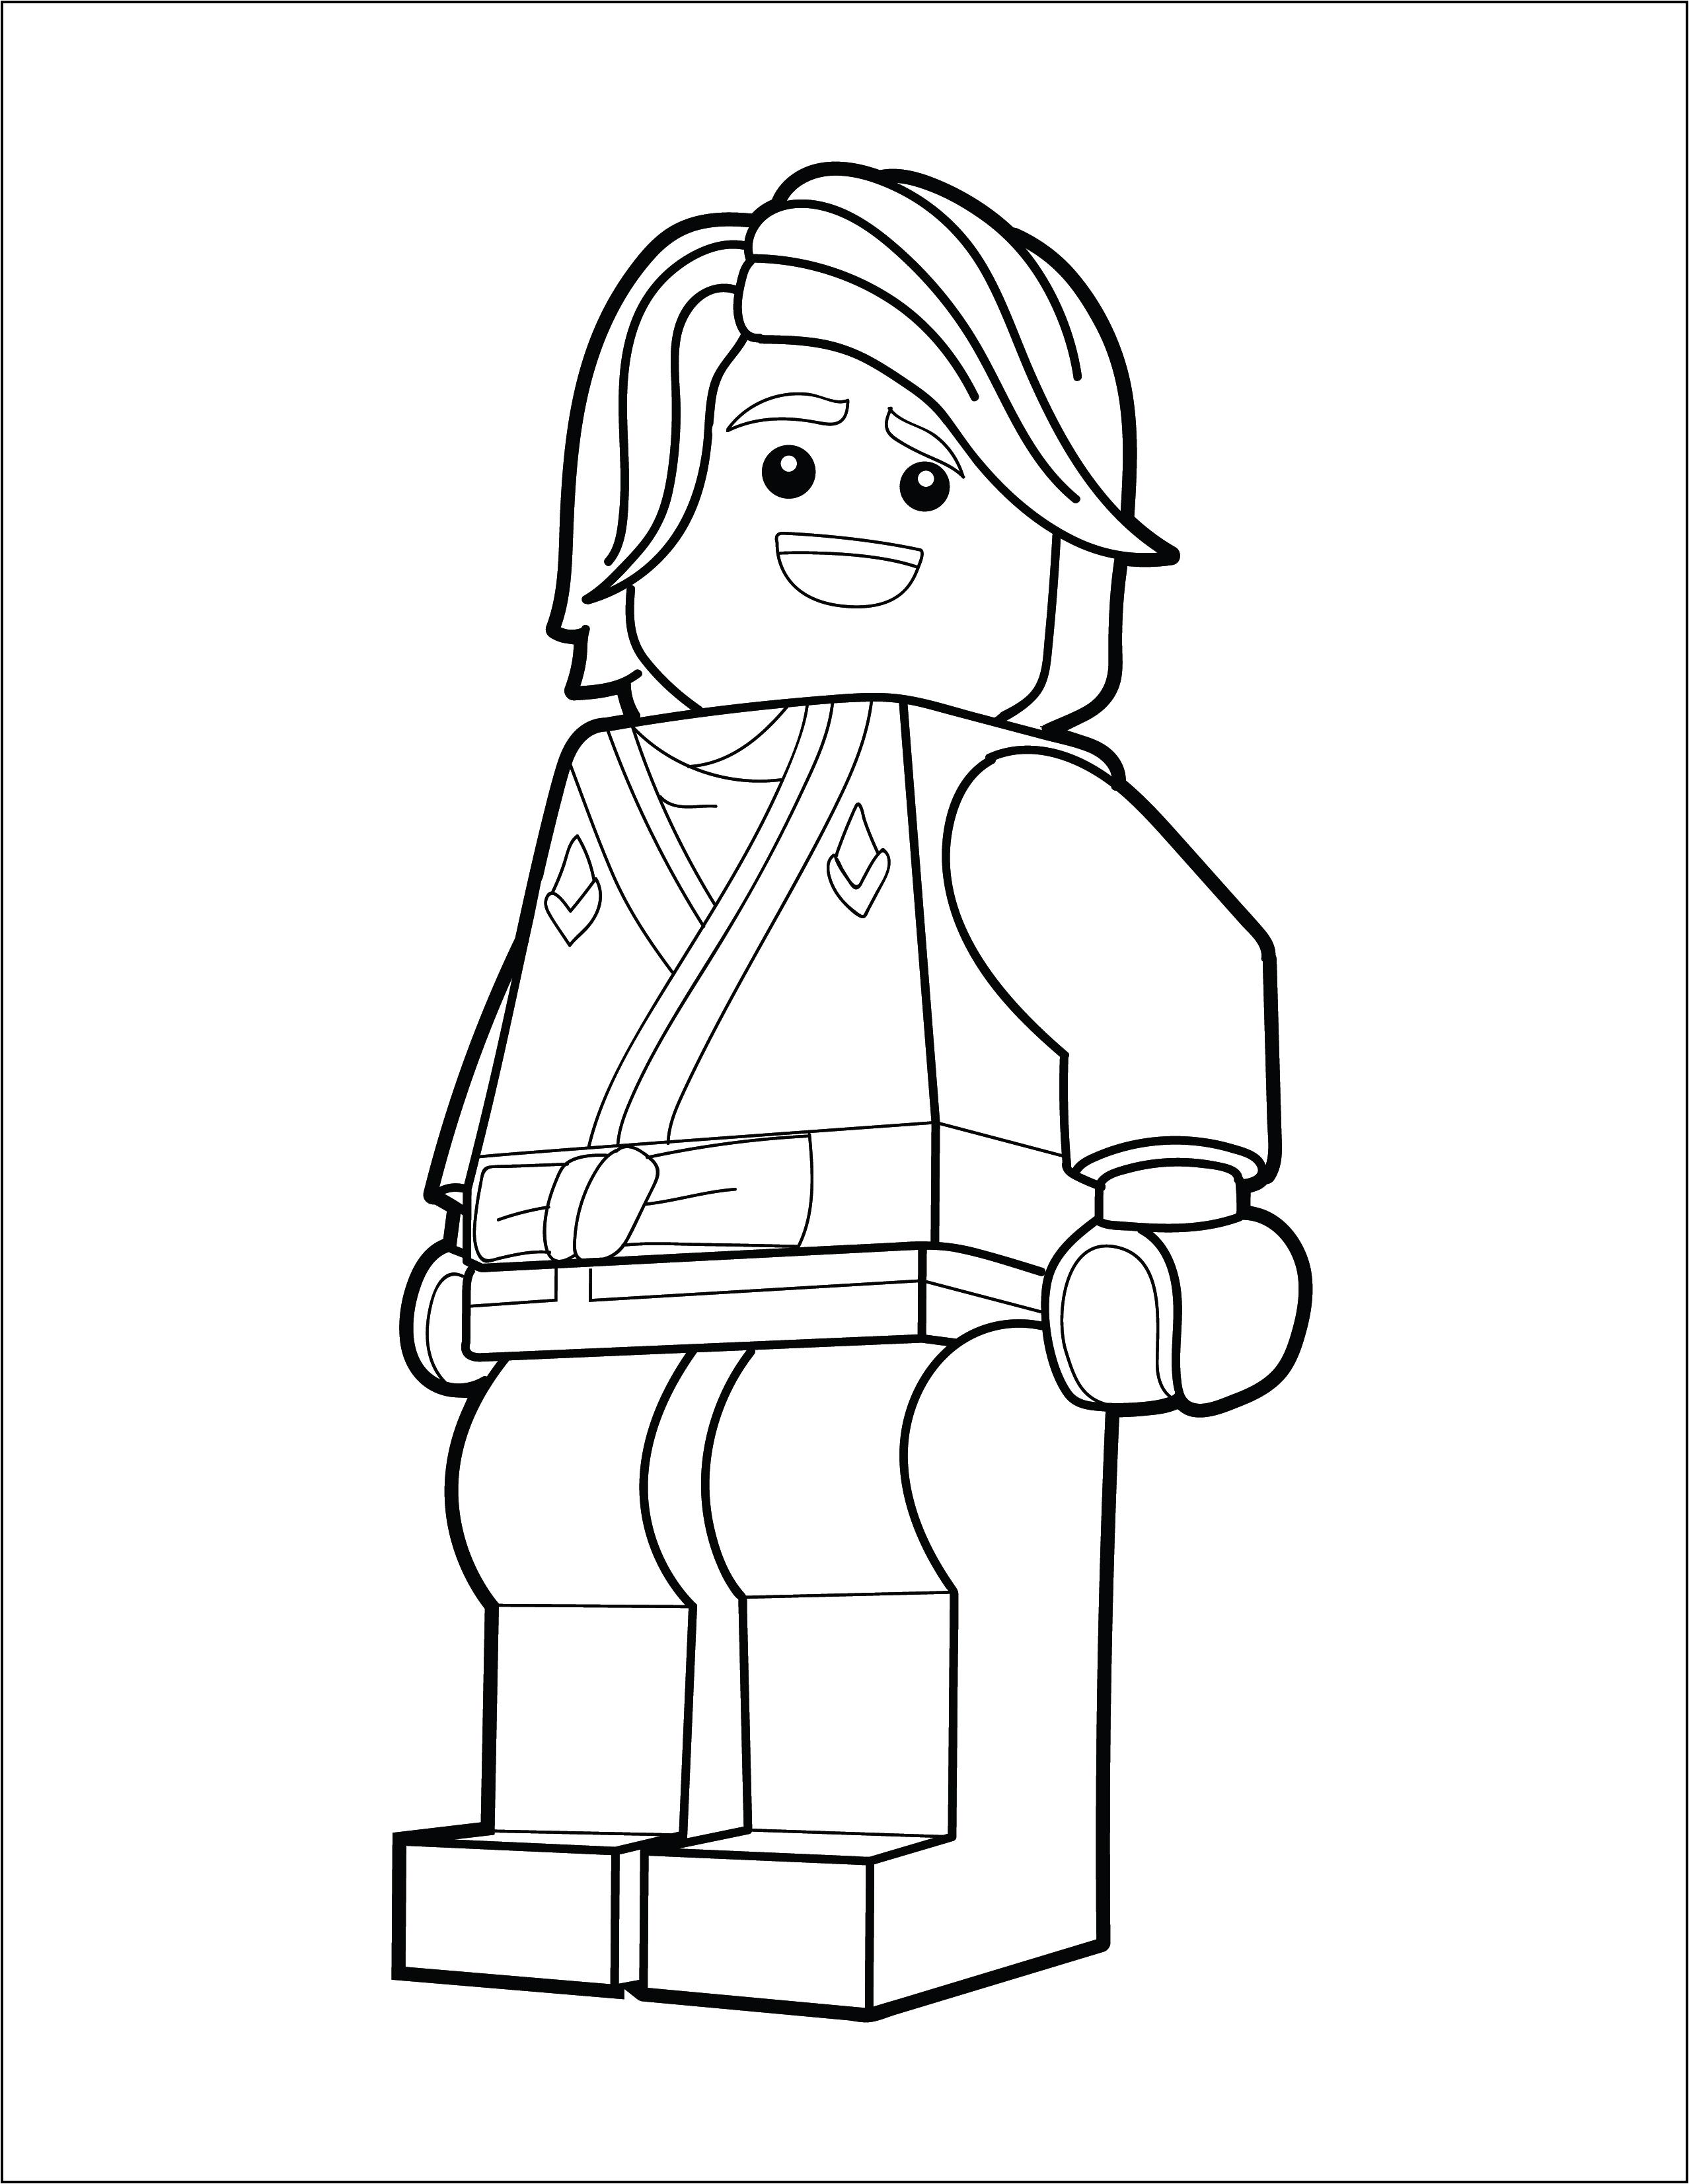 lloyd ninjago coloring page lego ninjago coloring page lloyd the brick show page ninjago coloring lloyd